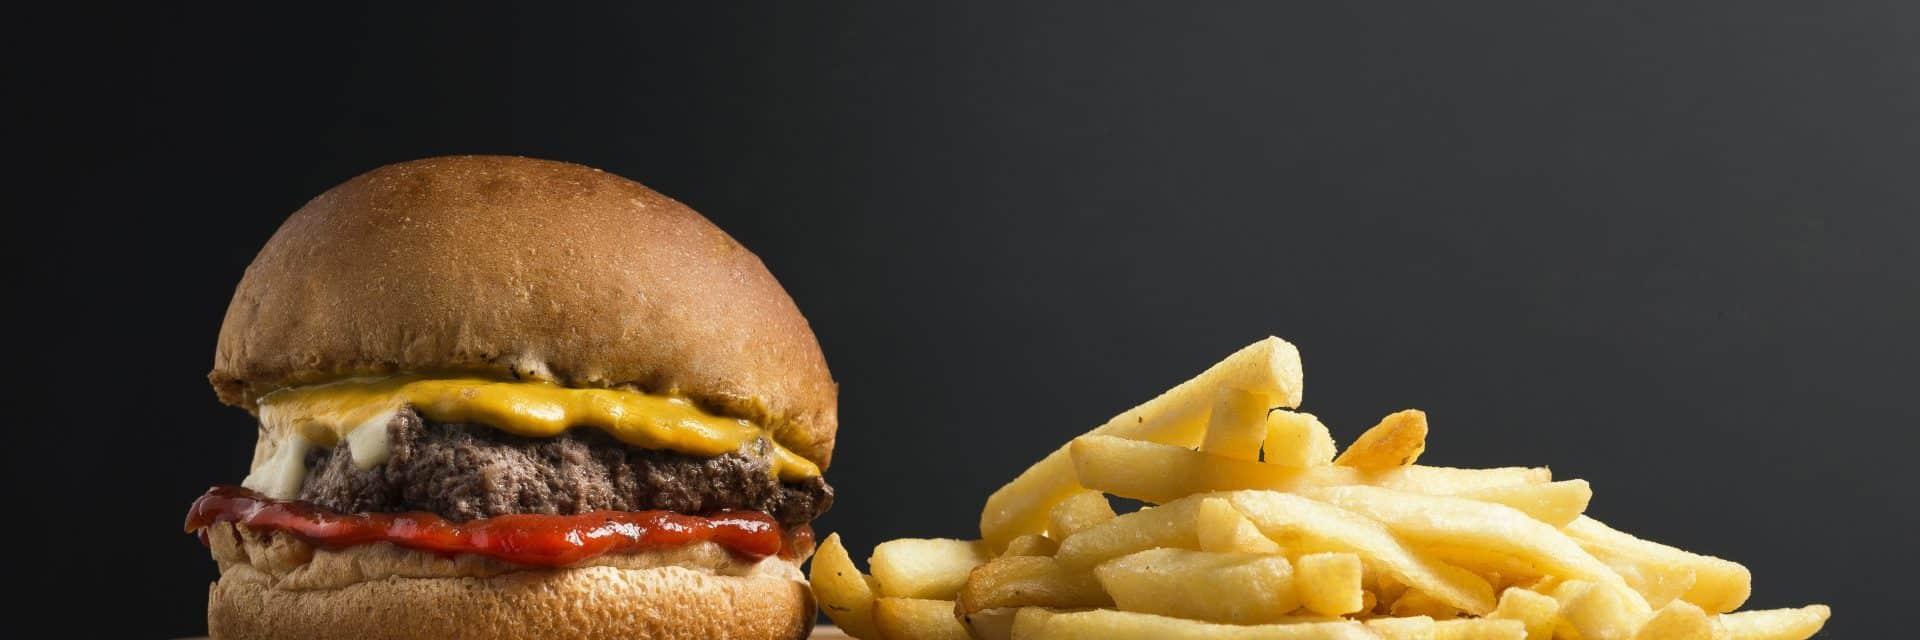 Gesunde Ernährung für ein besseres Leben